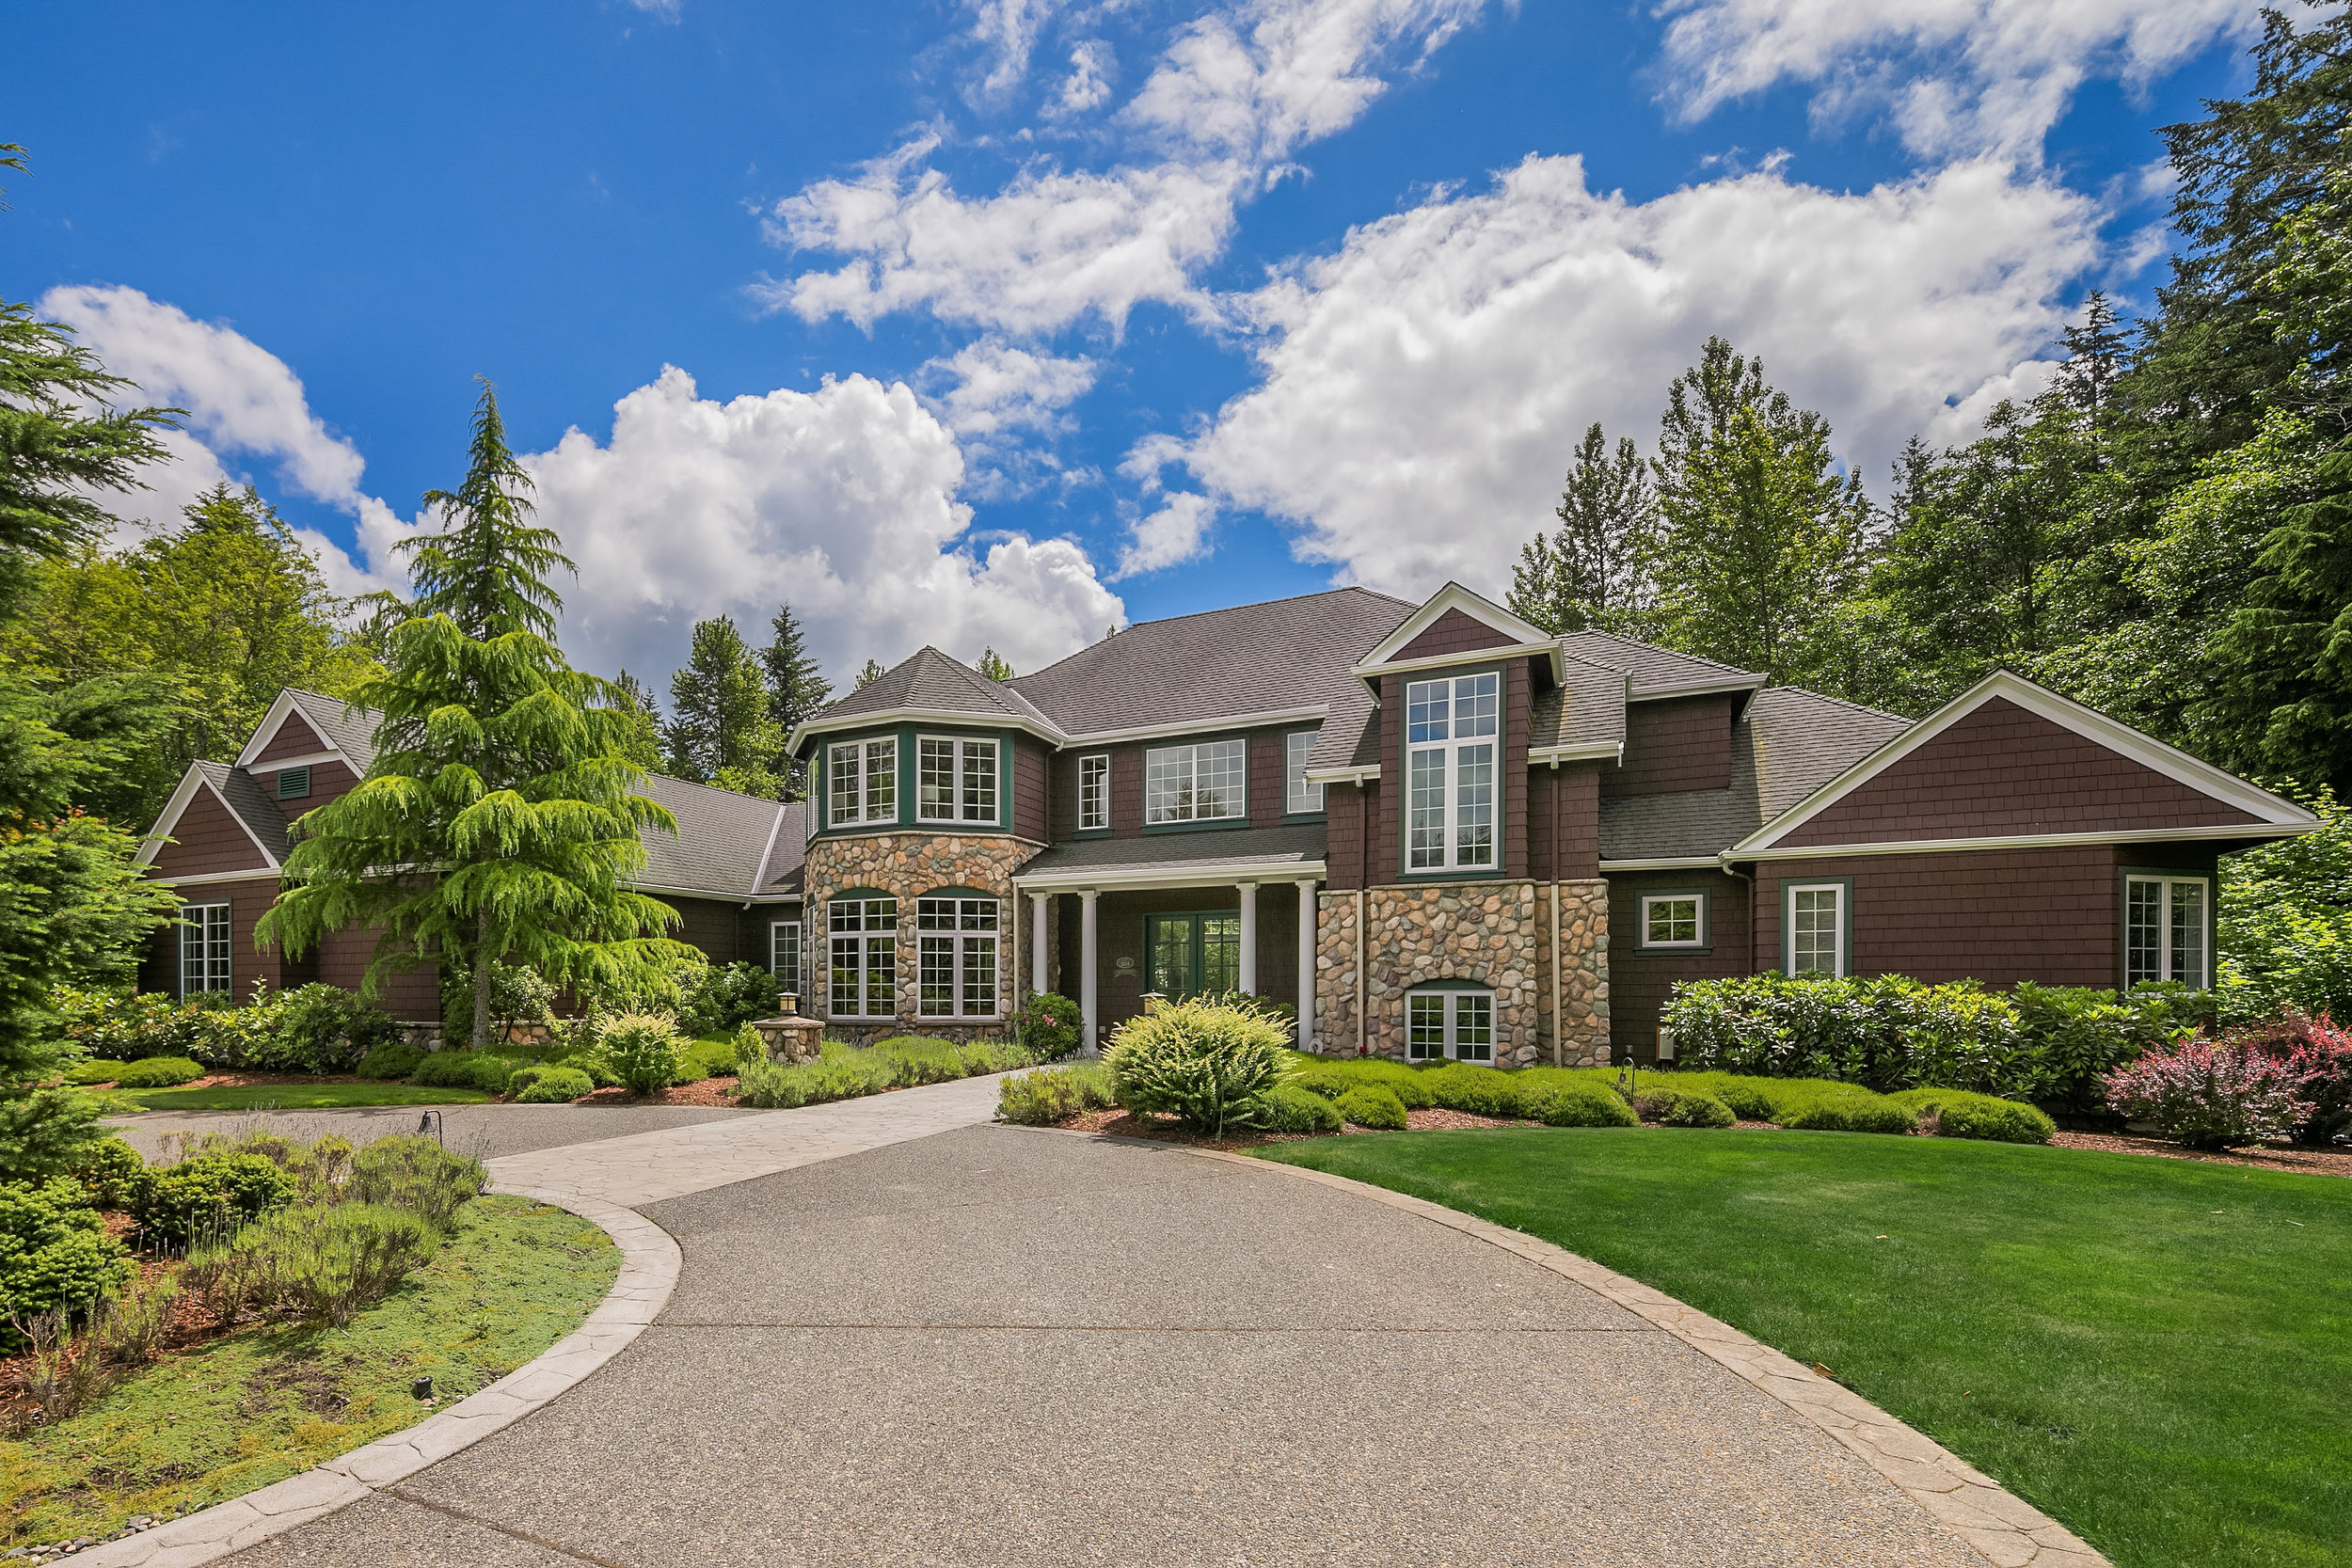 Mountainwood Estate - $1,586,000